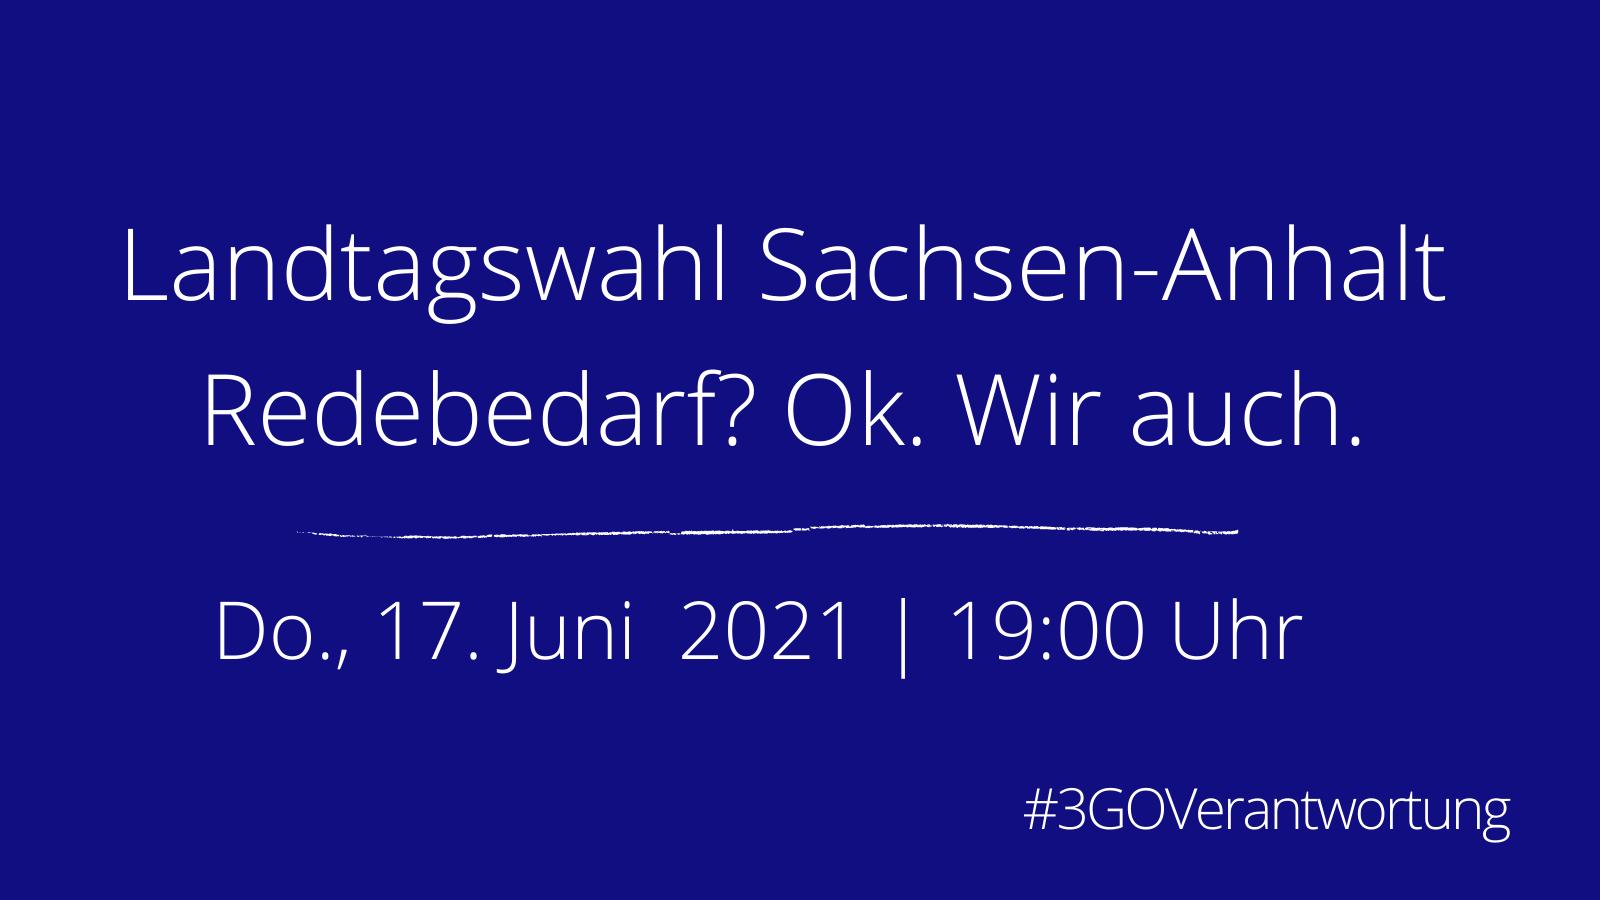 Landtagswahl Sachsen-Anhalt | Redebedarf? Ok. Wir auch. Datum, Uhrzeit und Hastag #§GOVerantwortung, dunkelblauer Hintergrund